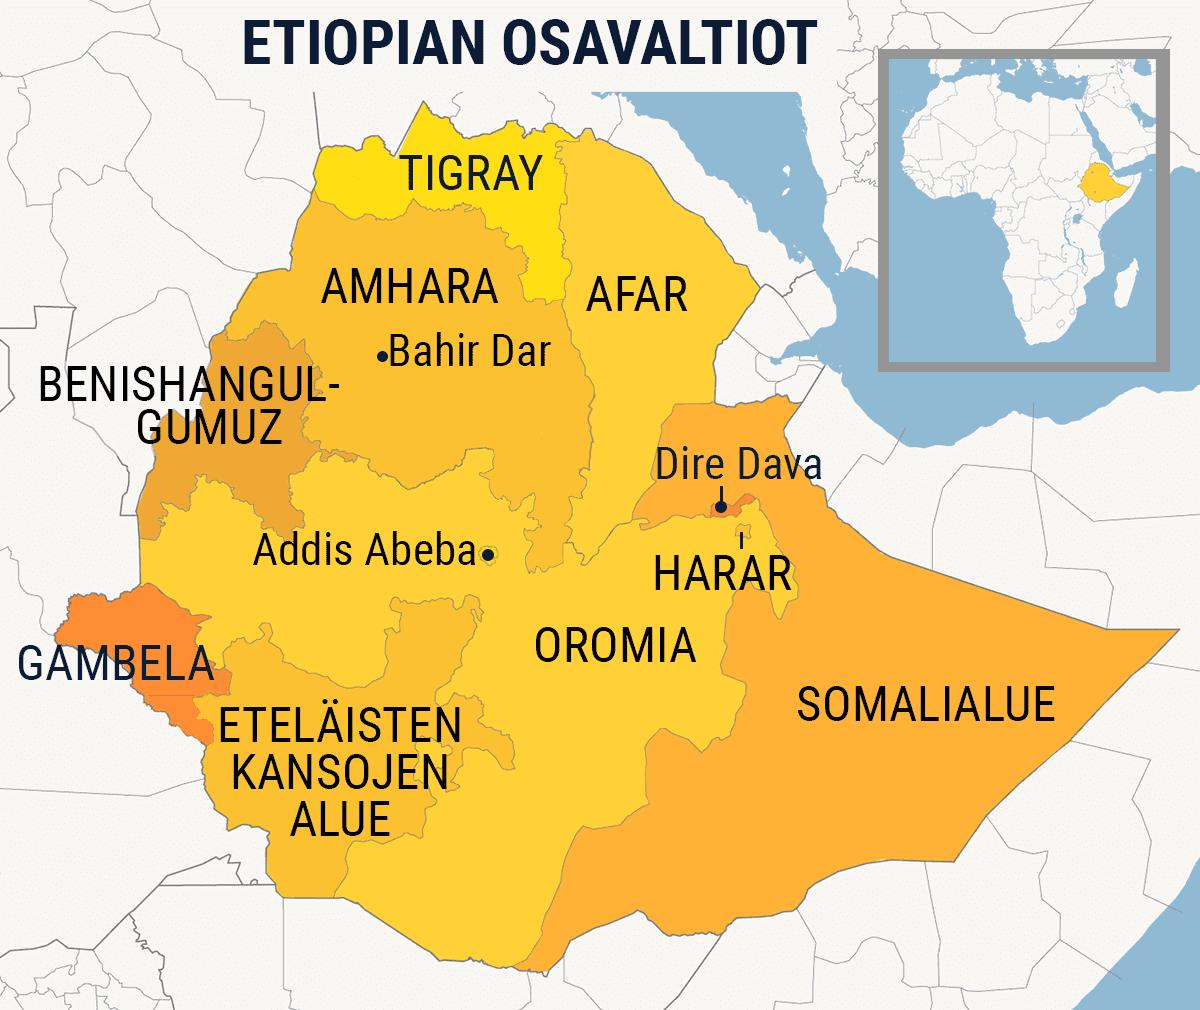 Kartta missä Etiopian osavaltiot